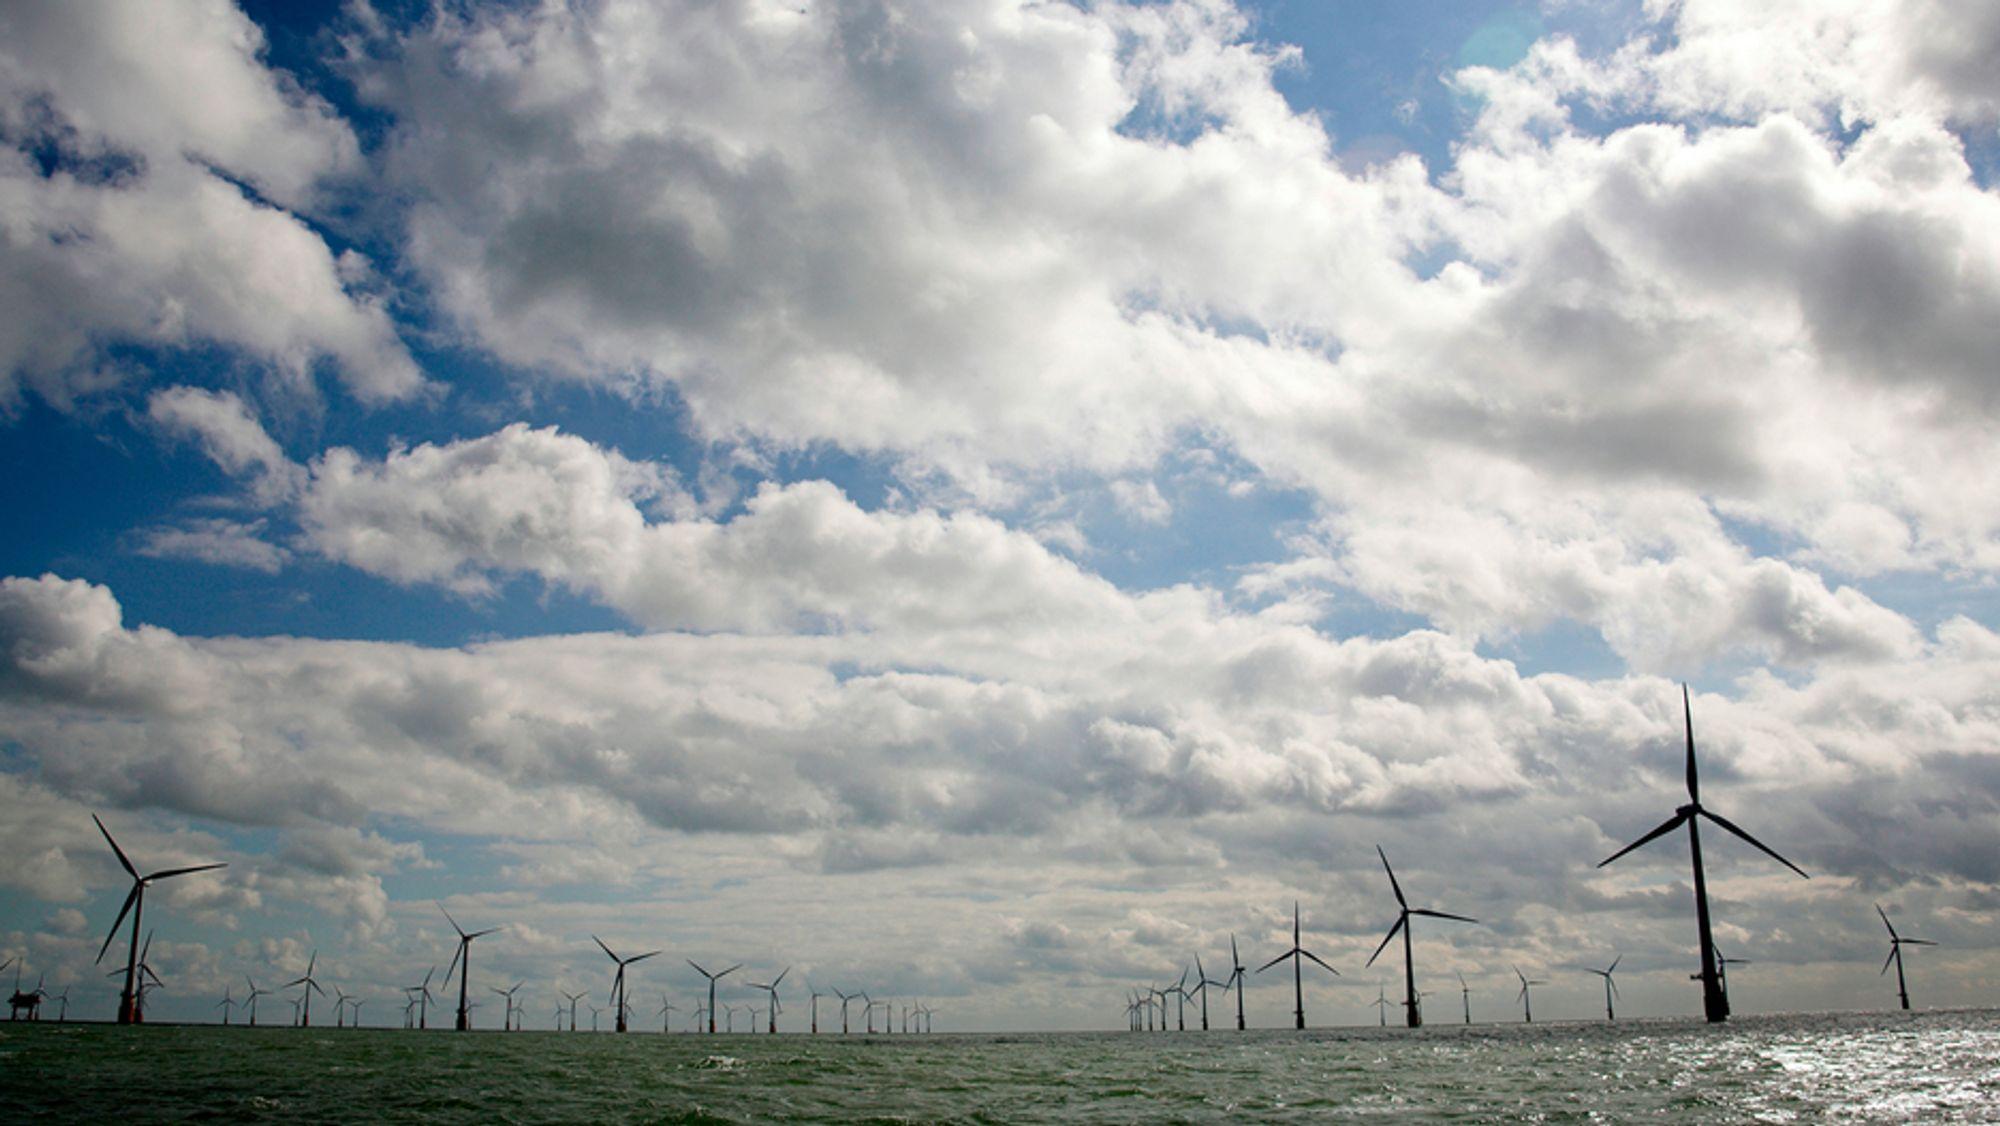 Storbritannia skal femdoble eksport av offshore vindteknologi til 2,6 milliarder pund innen 2030, skriver Ivar Slengesol. Bildet er fra Thanet offshore wind farm utenfor Kent i Sør-England.